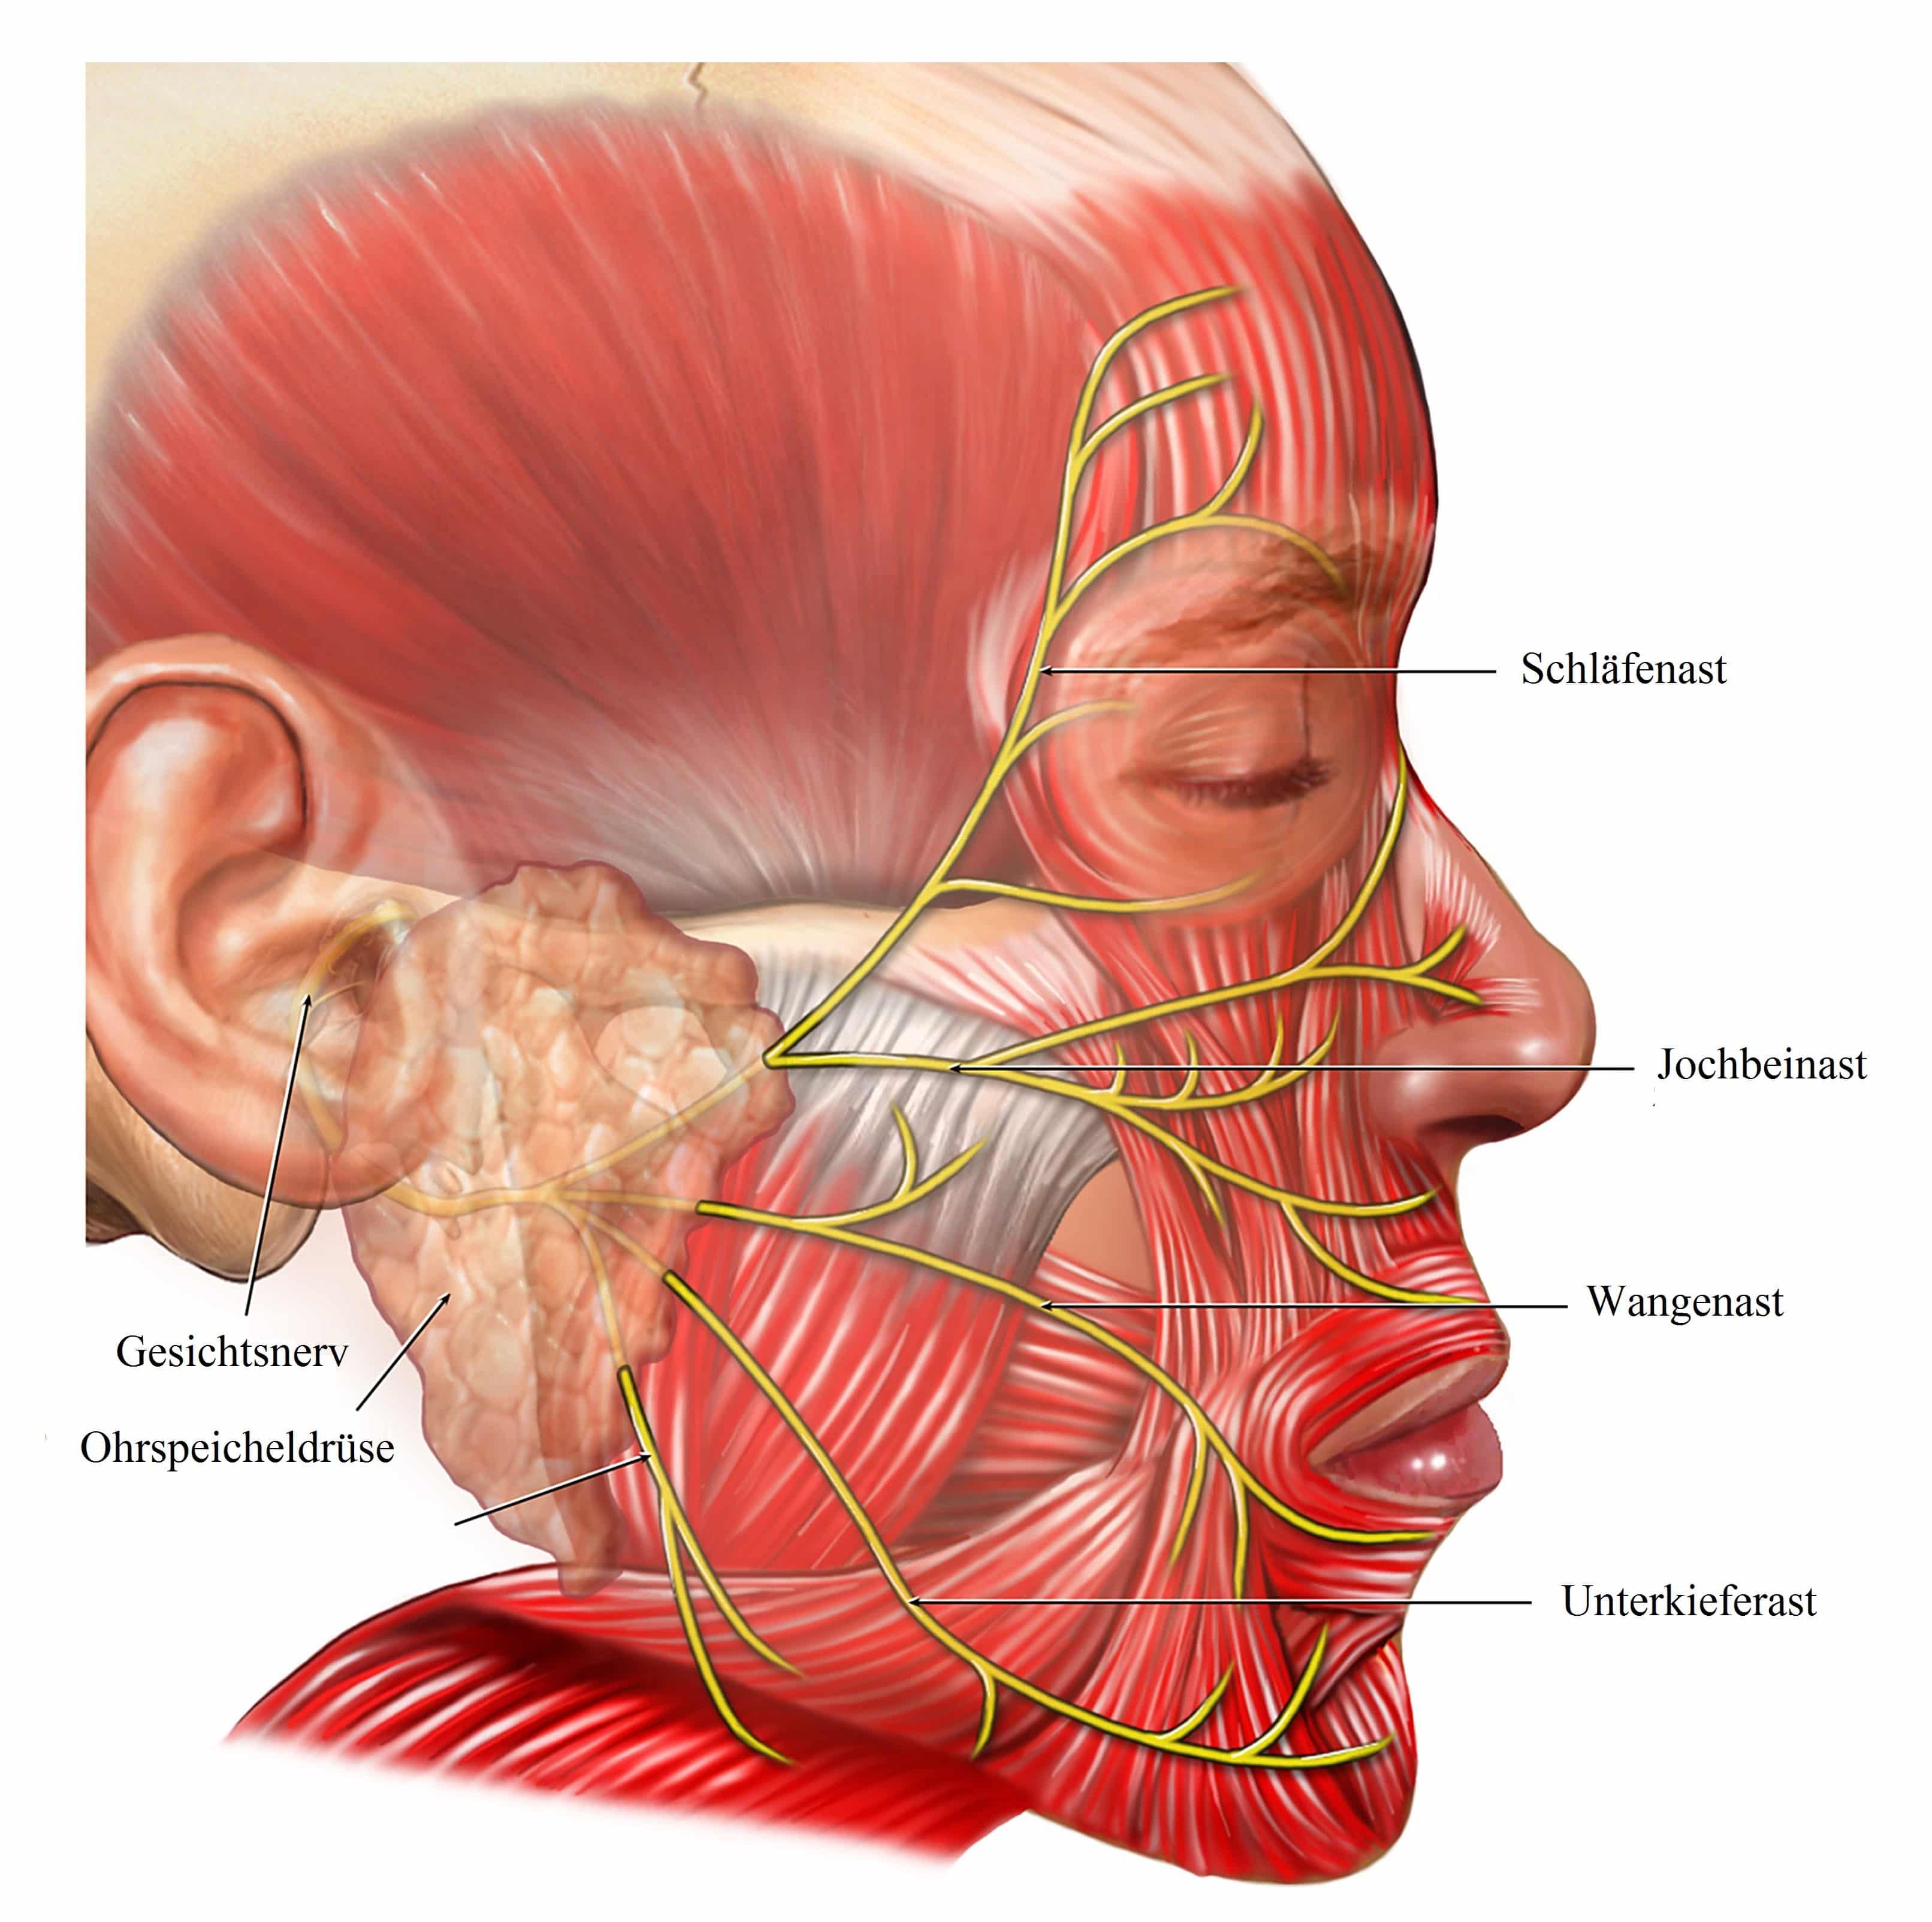 Fein Gesichtsnerven Fotos - Anatomie Von Menschlichen Körperbildern ...